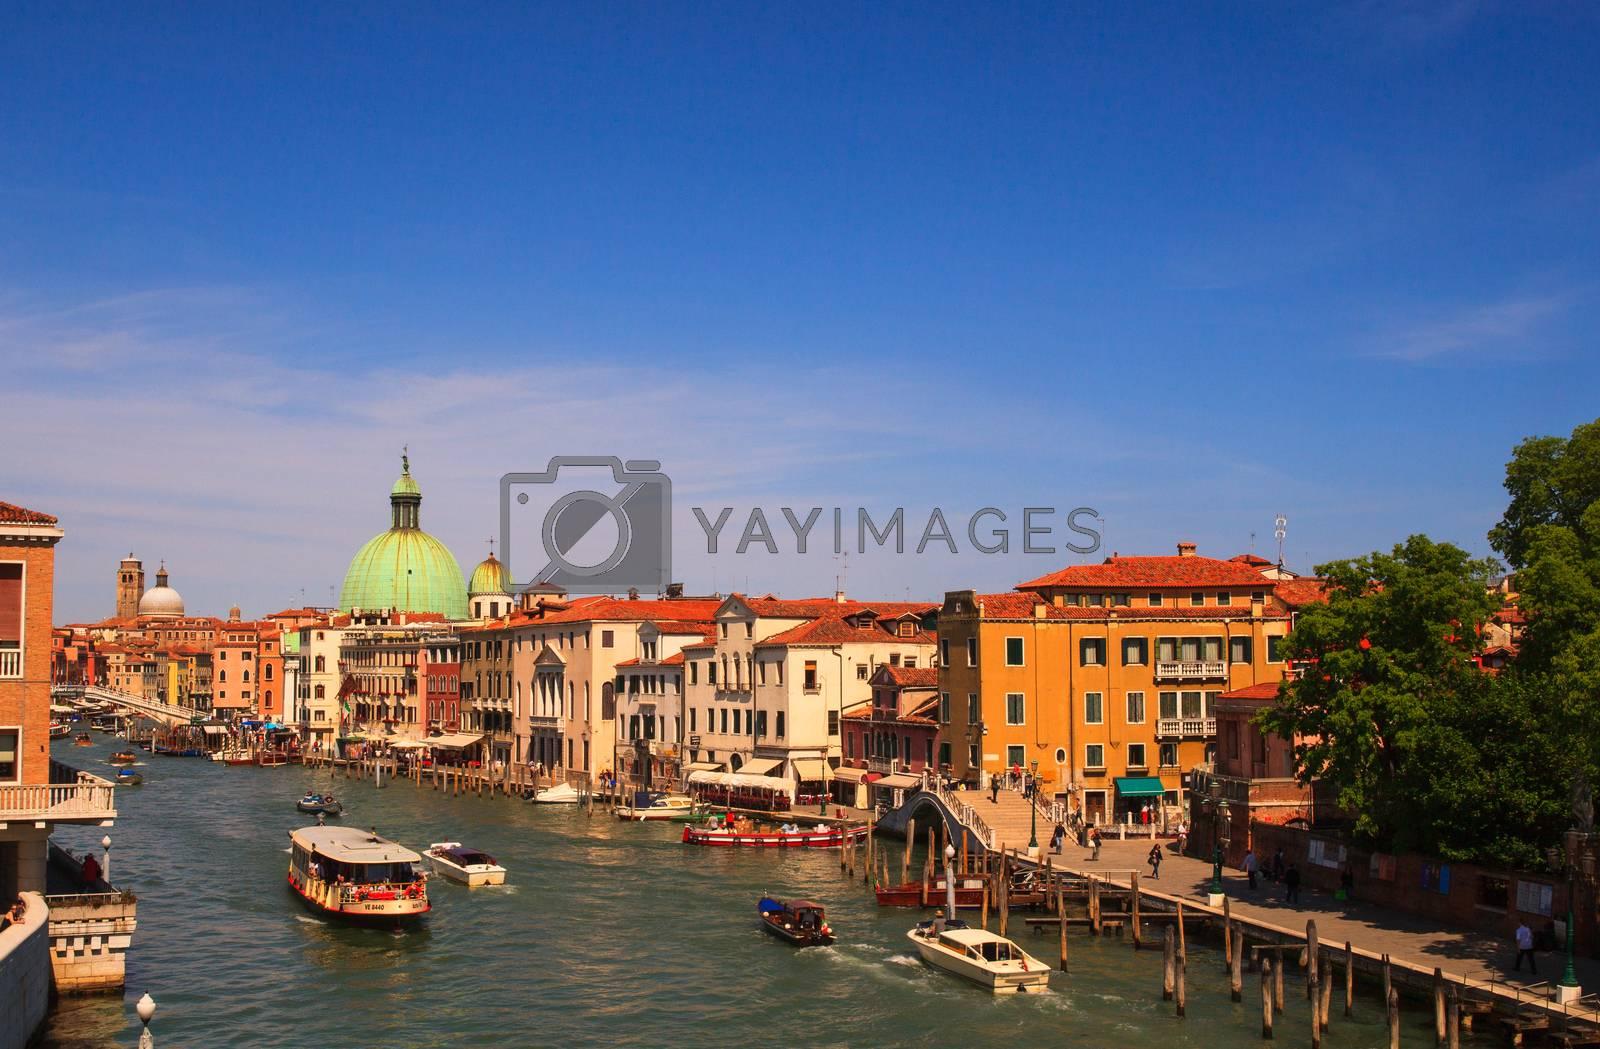 San Simeone e Giuda church in Venice by bepsimage